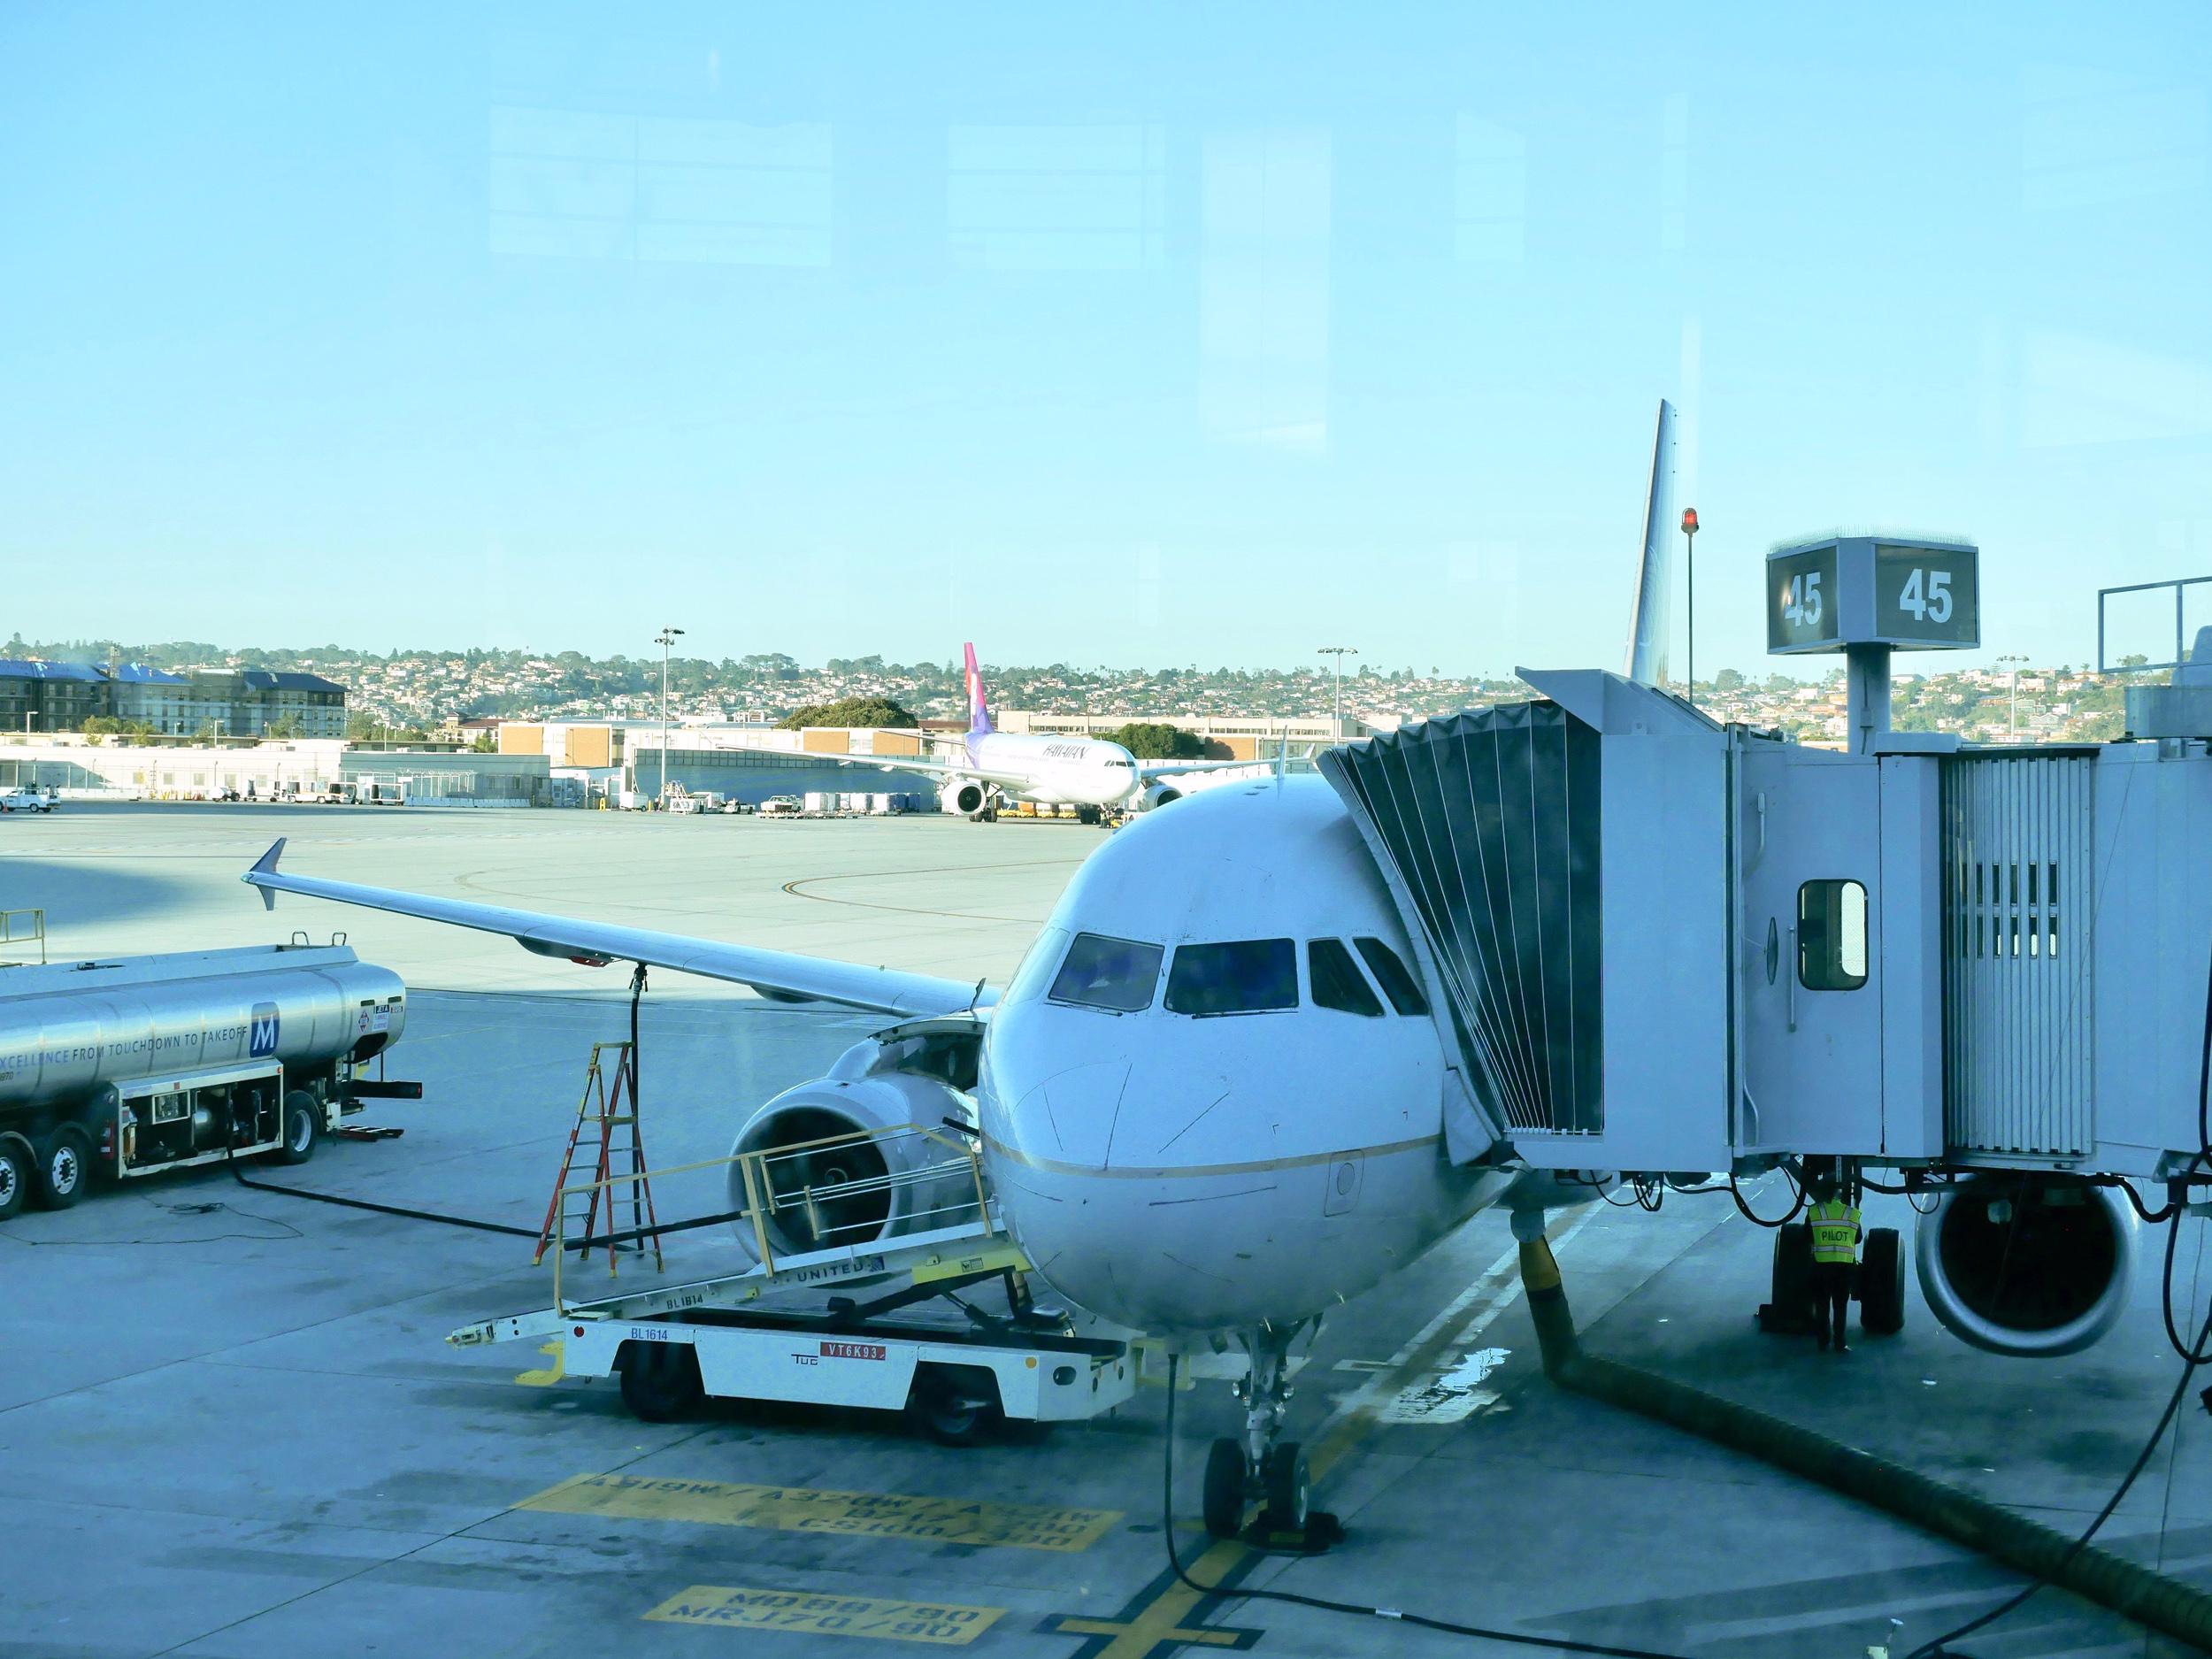 UA A320